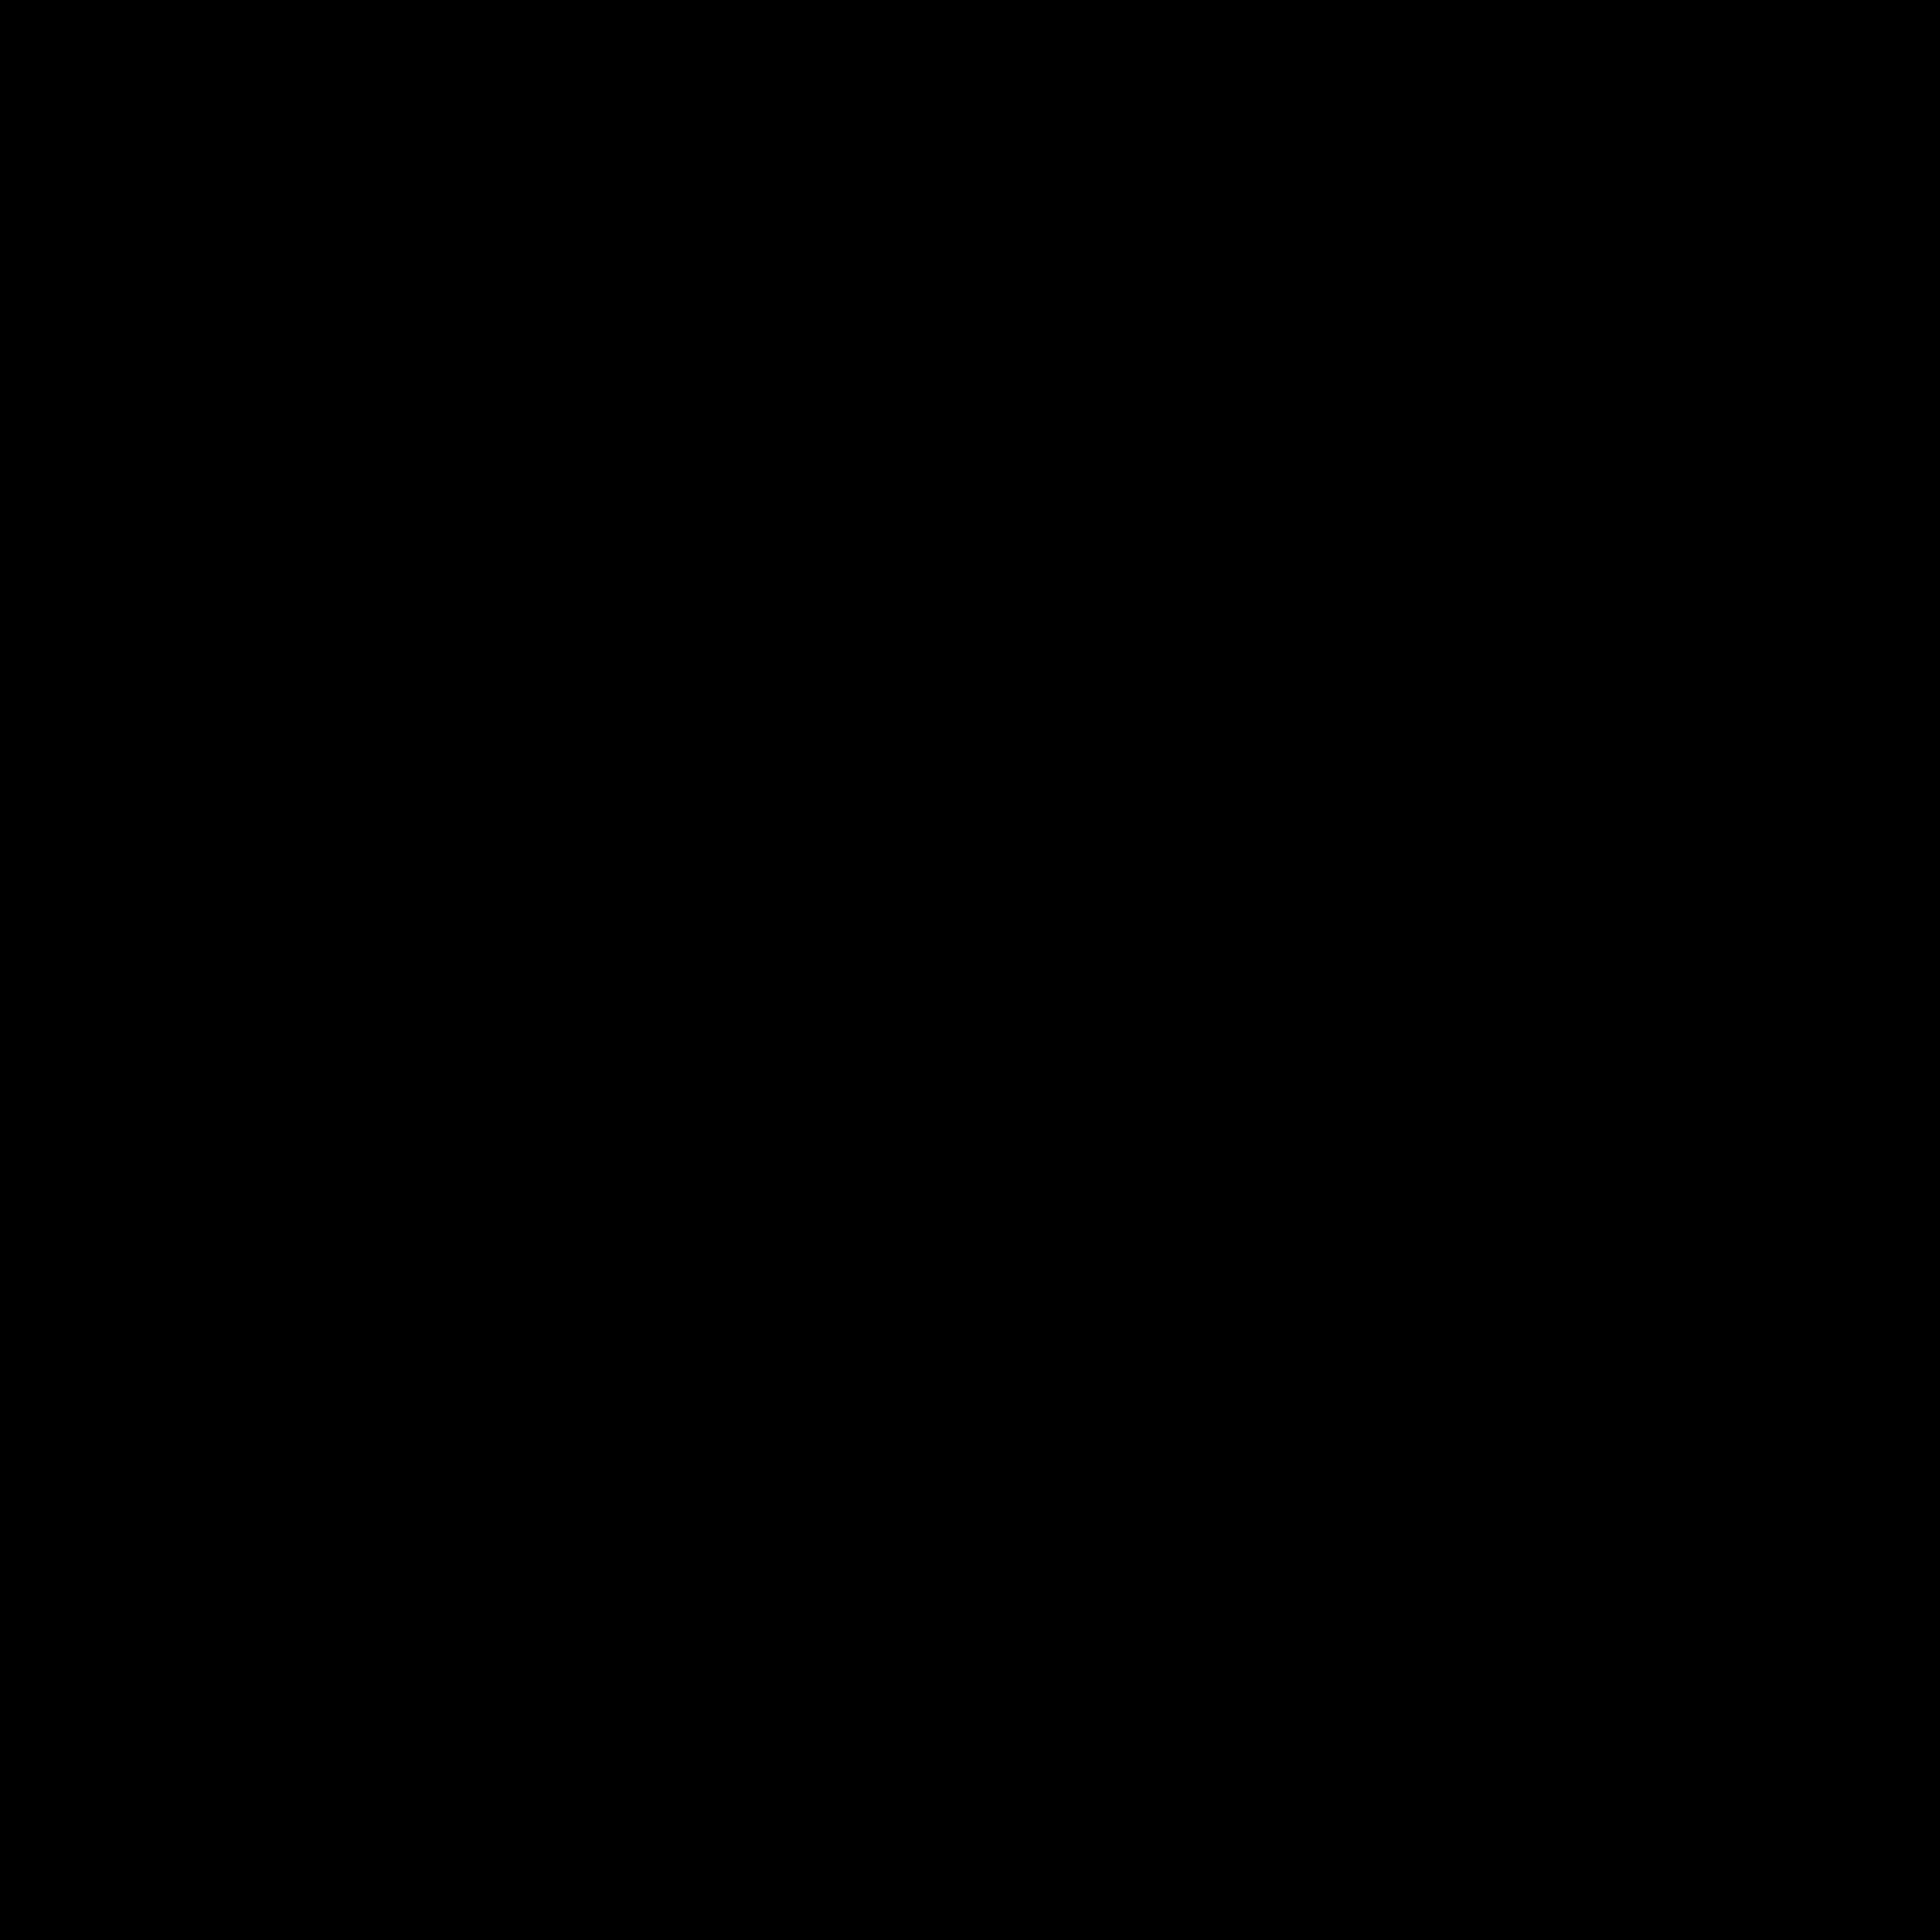 s Femmes wanderjacke taille 38 trekking veste IMPERMEABLE veste NEUF